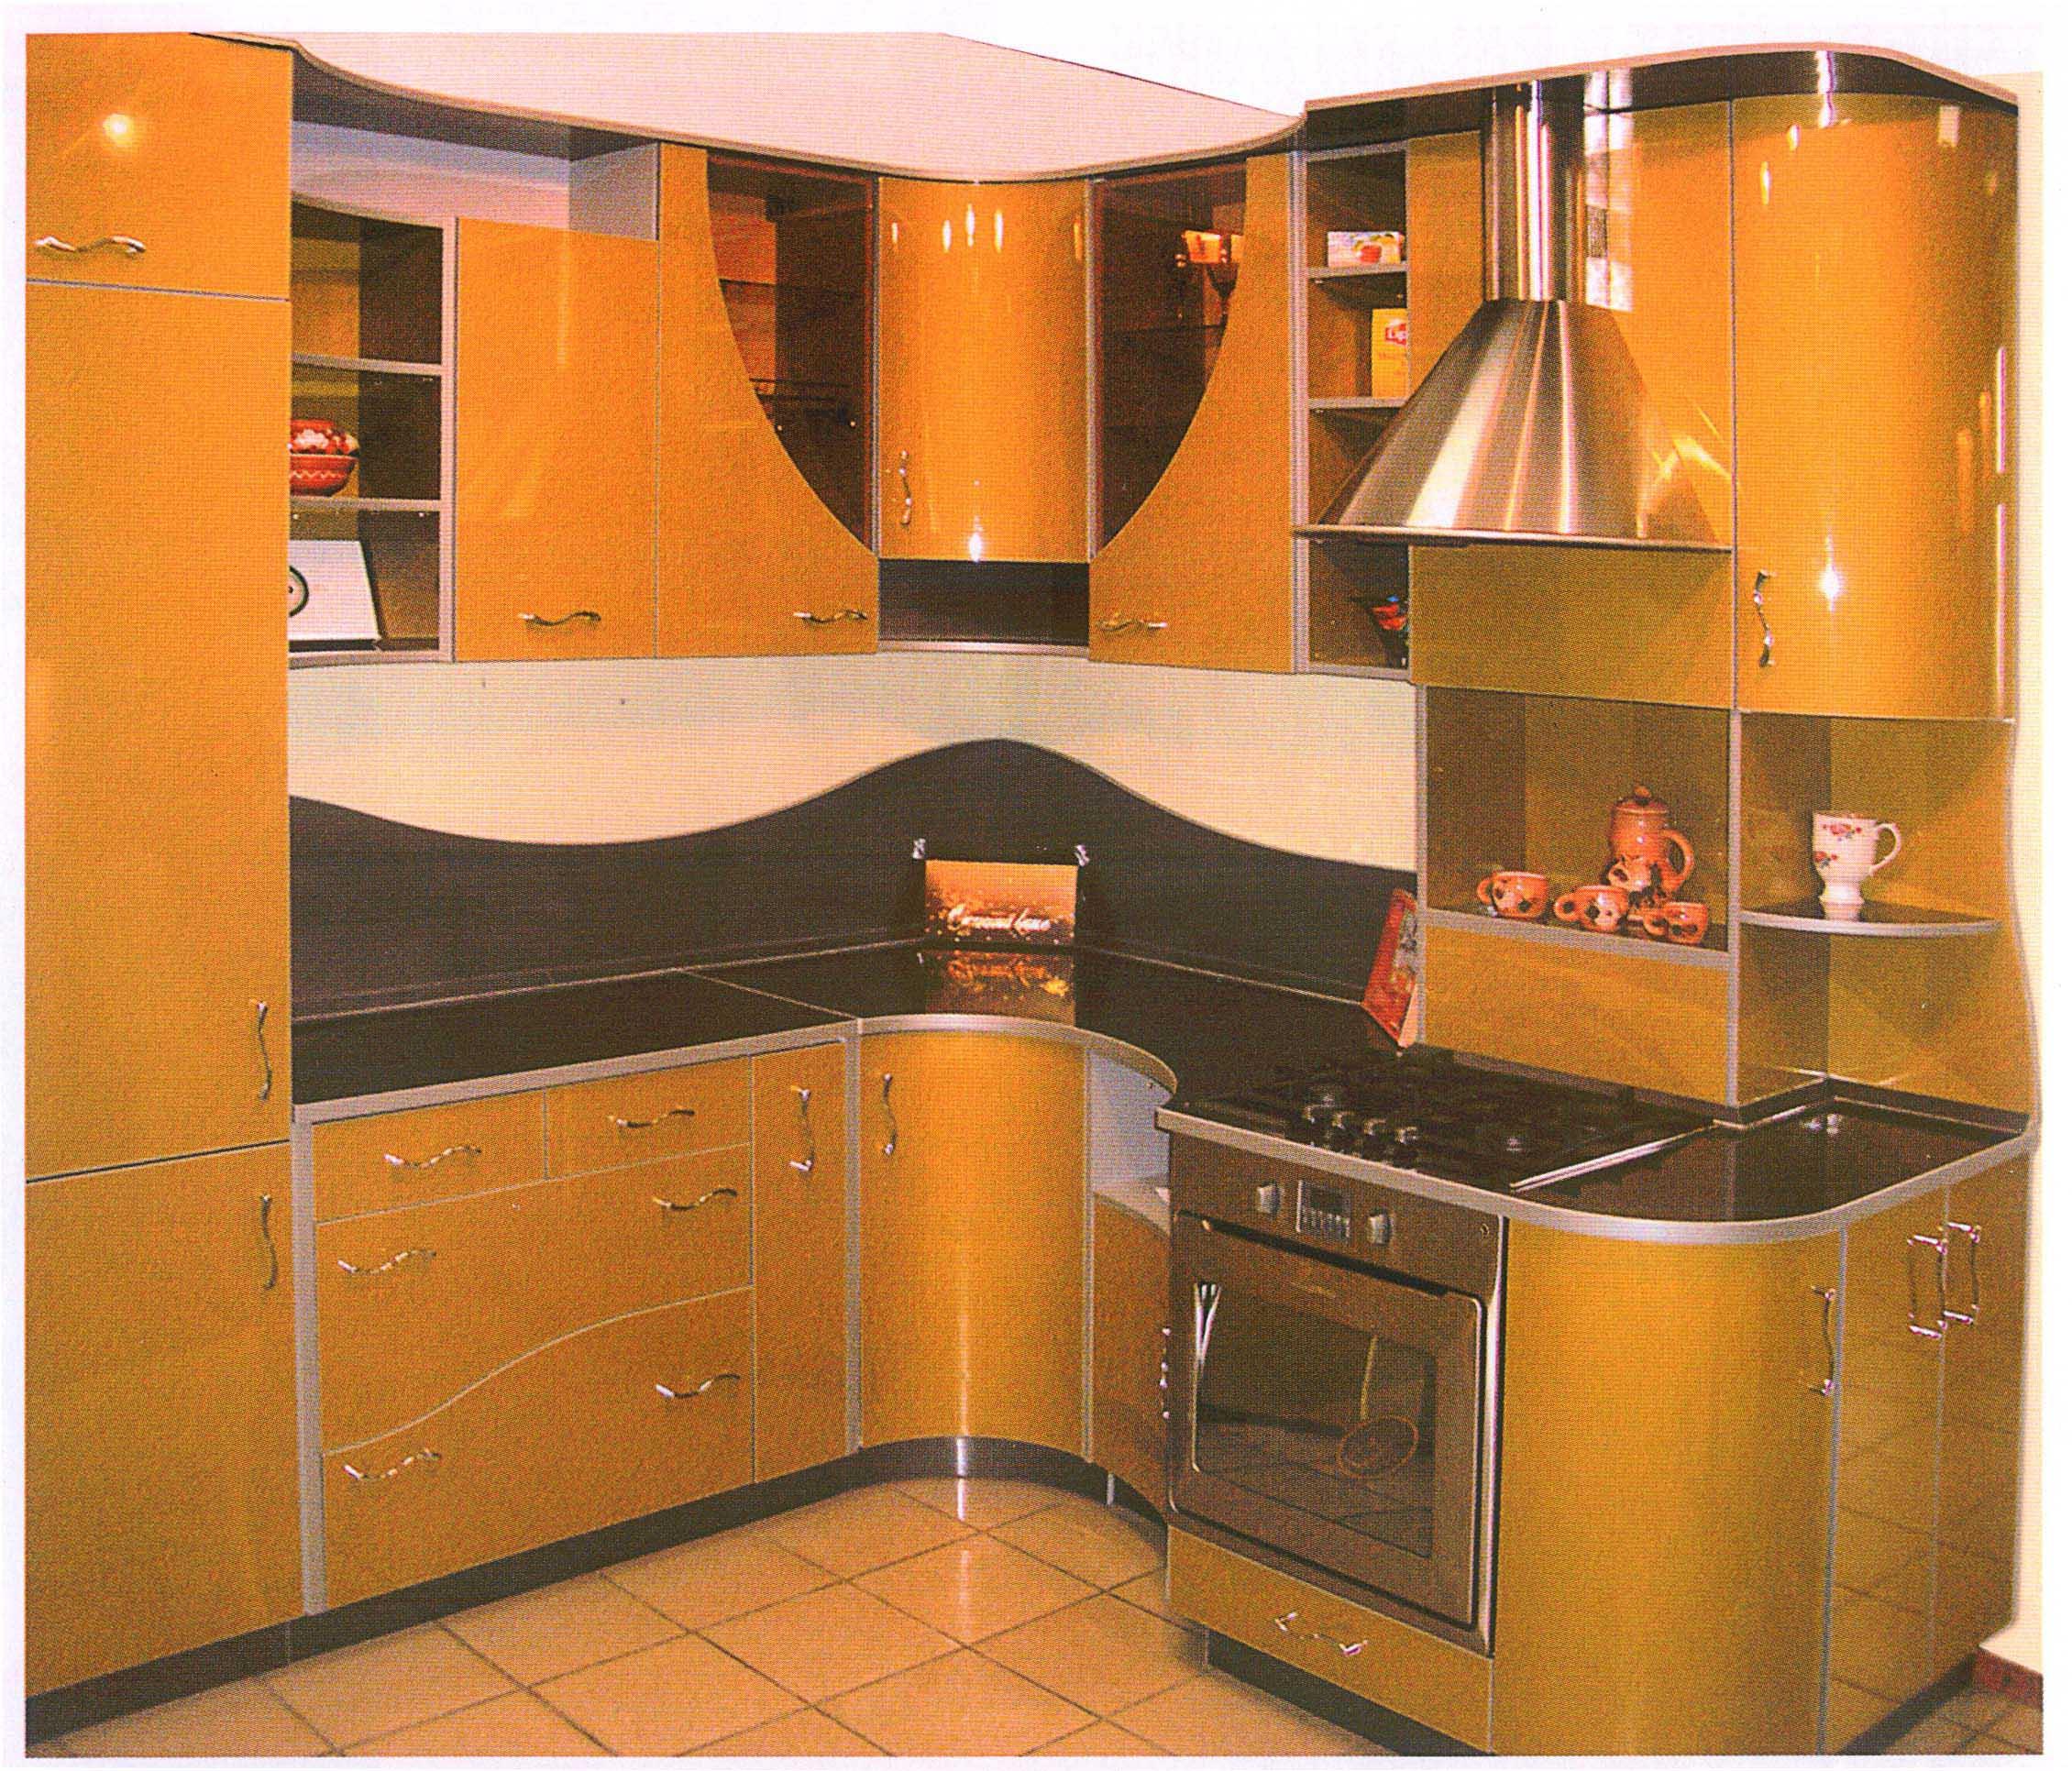 Графская кухня фото.